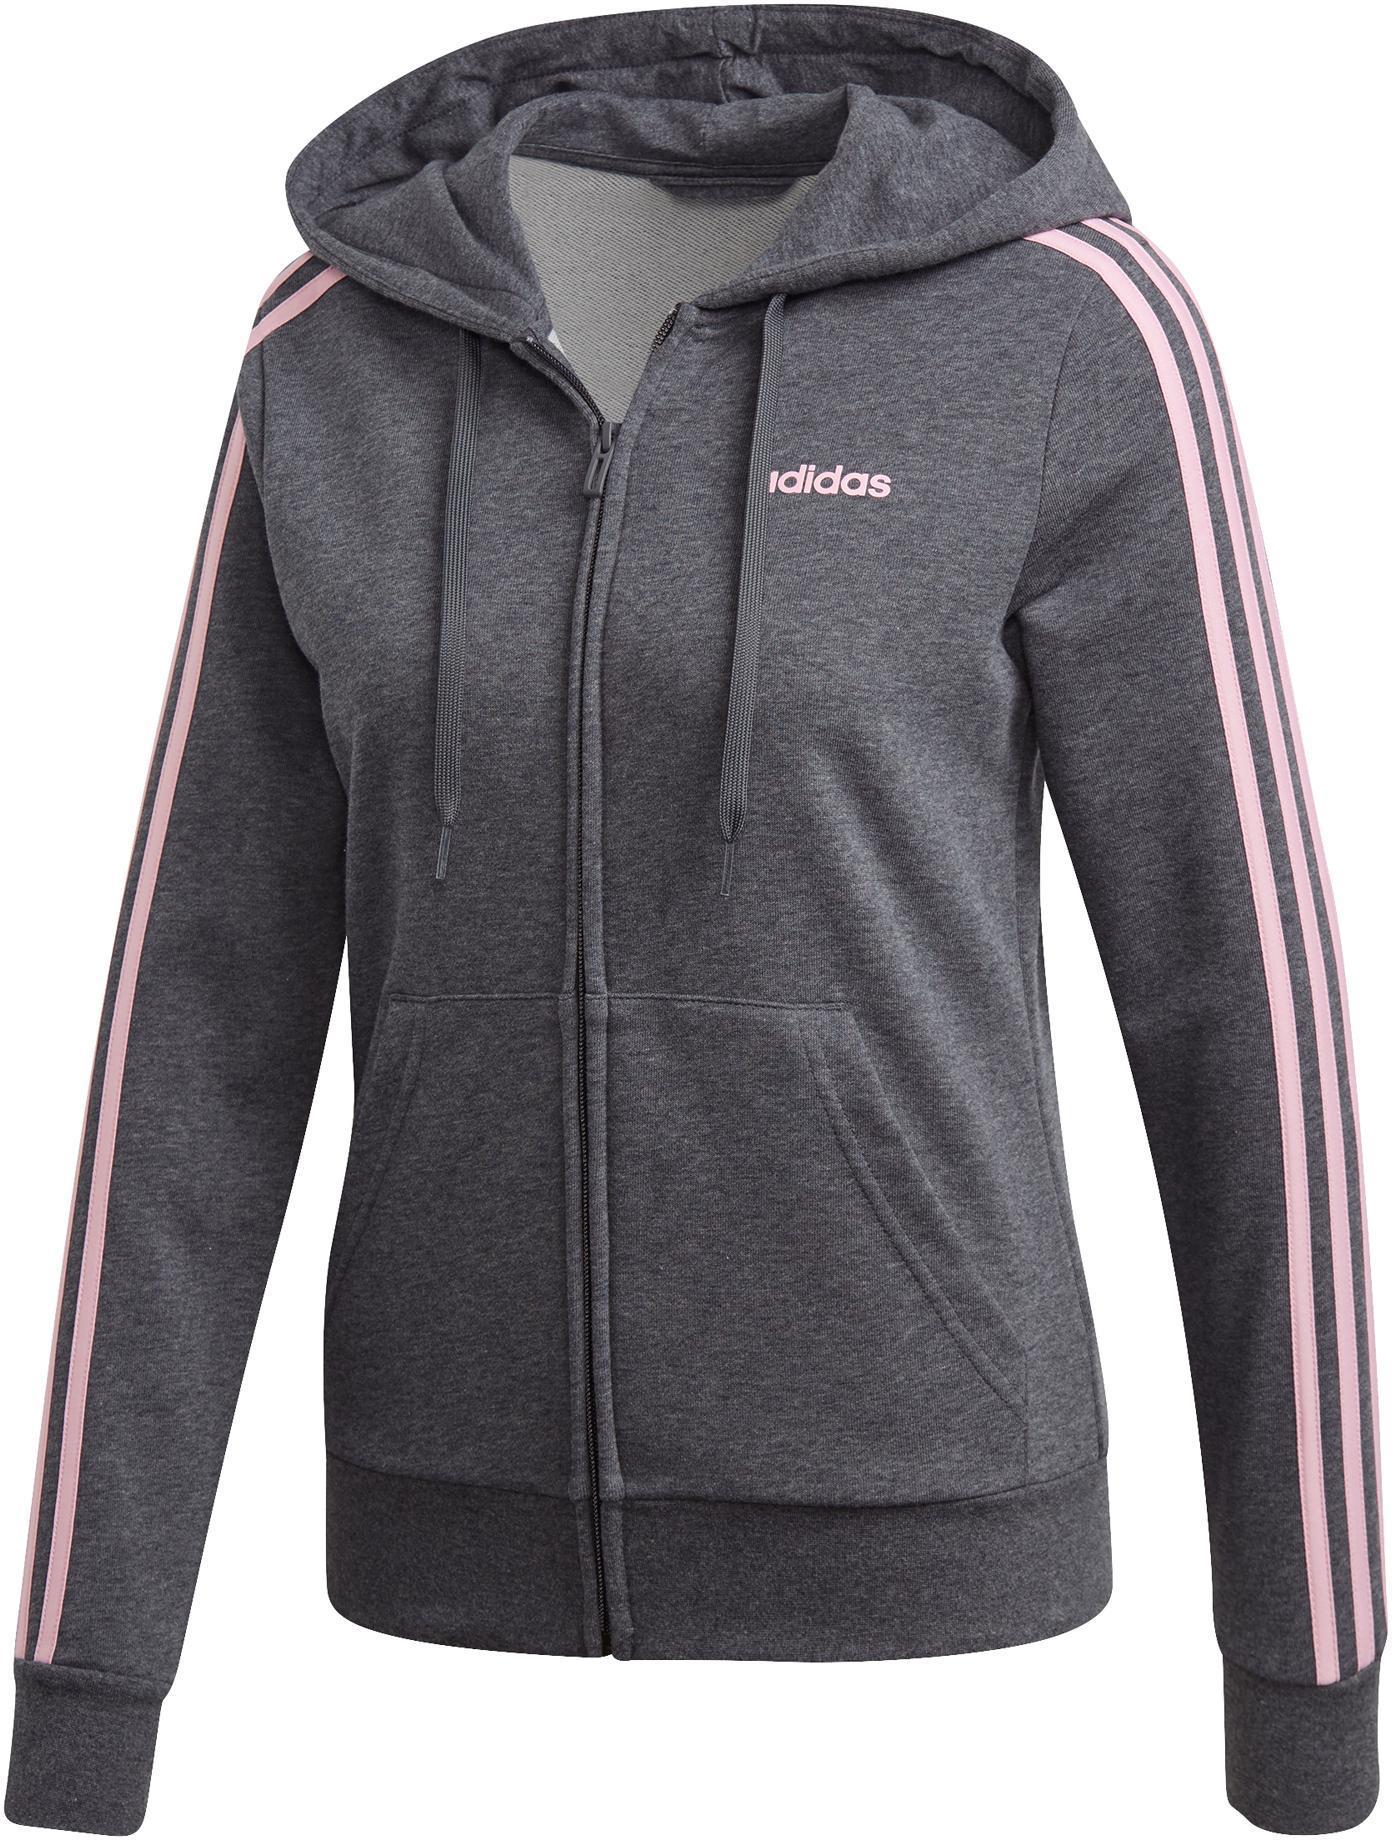 adidas Essential 3S Full Zip Sweatjacke Damen dark grey heather im Online Shop von SportScheck kaufen